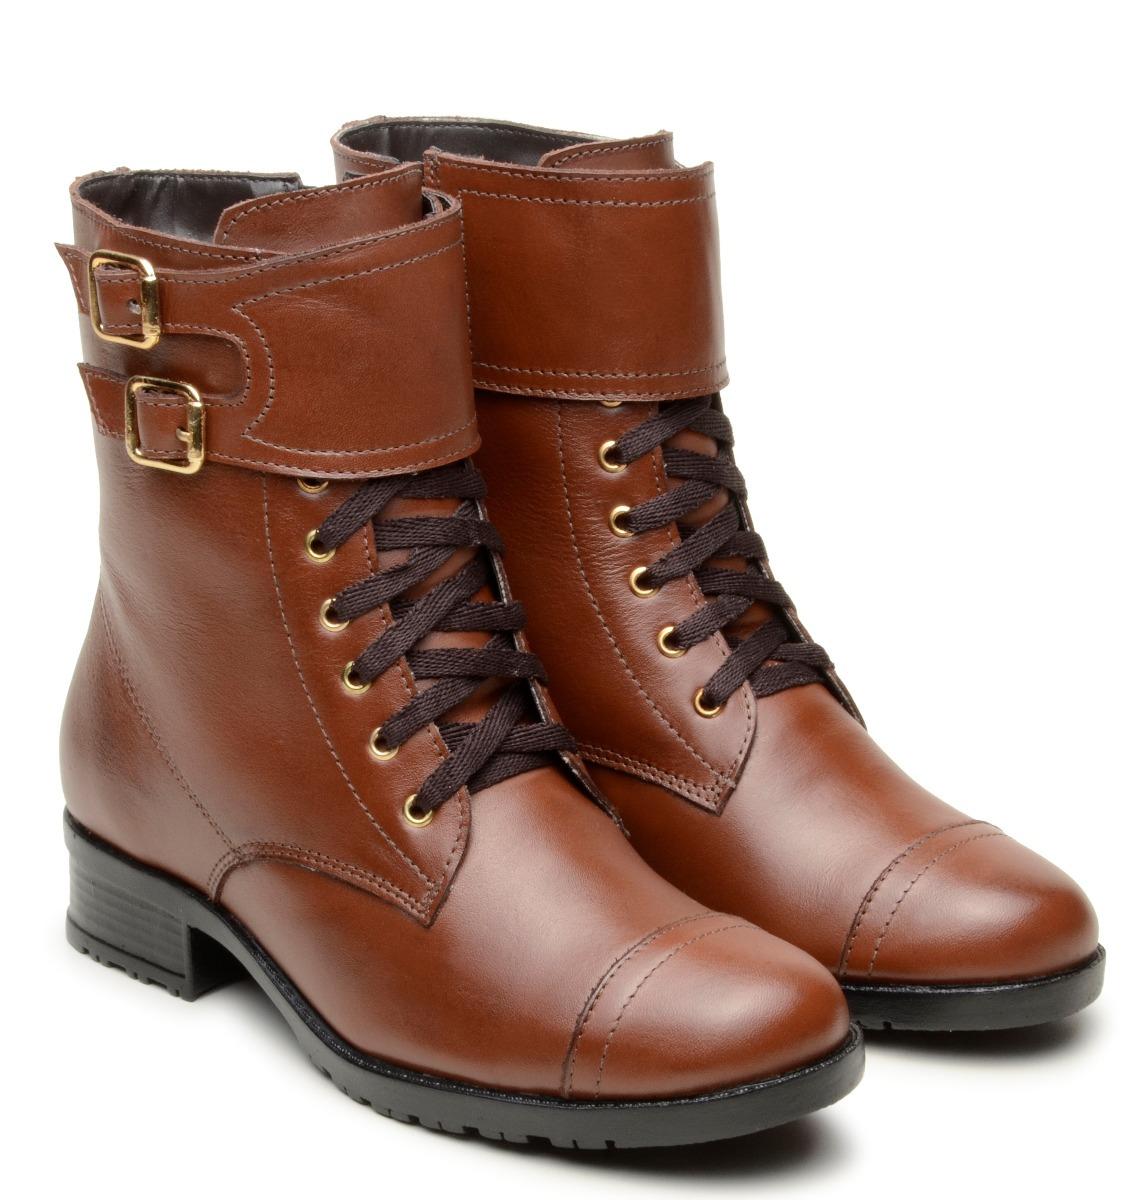 65da8a1847 bota coturno feminino 100% couro sem salto cano baixo marrom. Carregando  zoom.